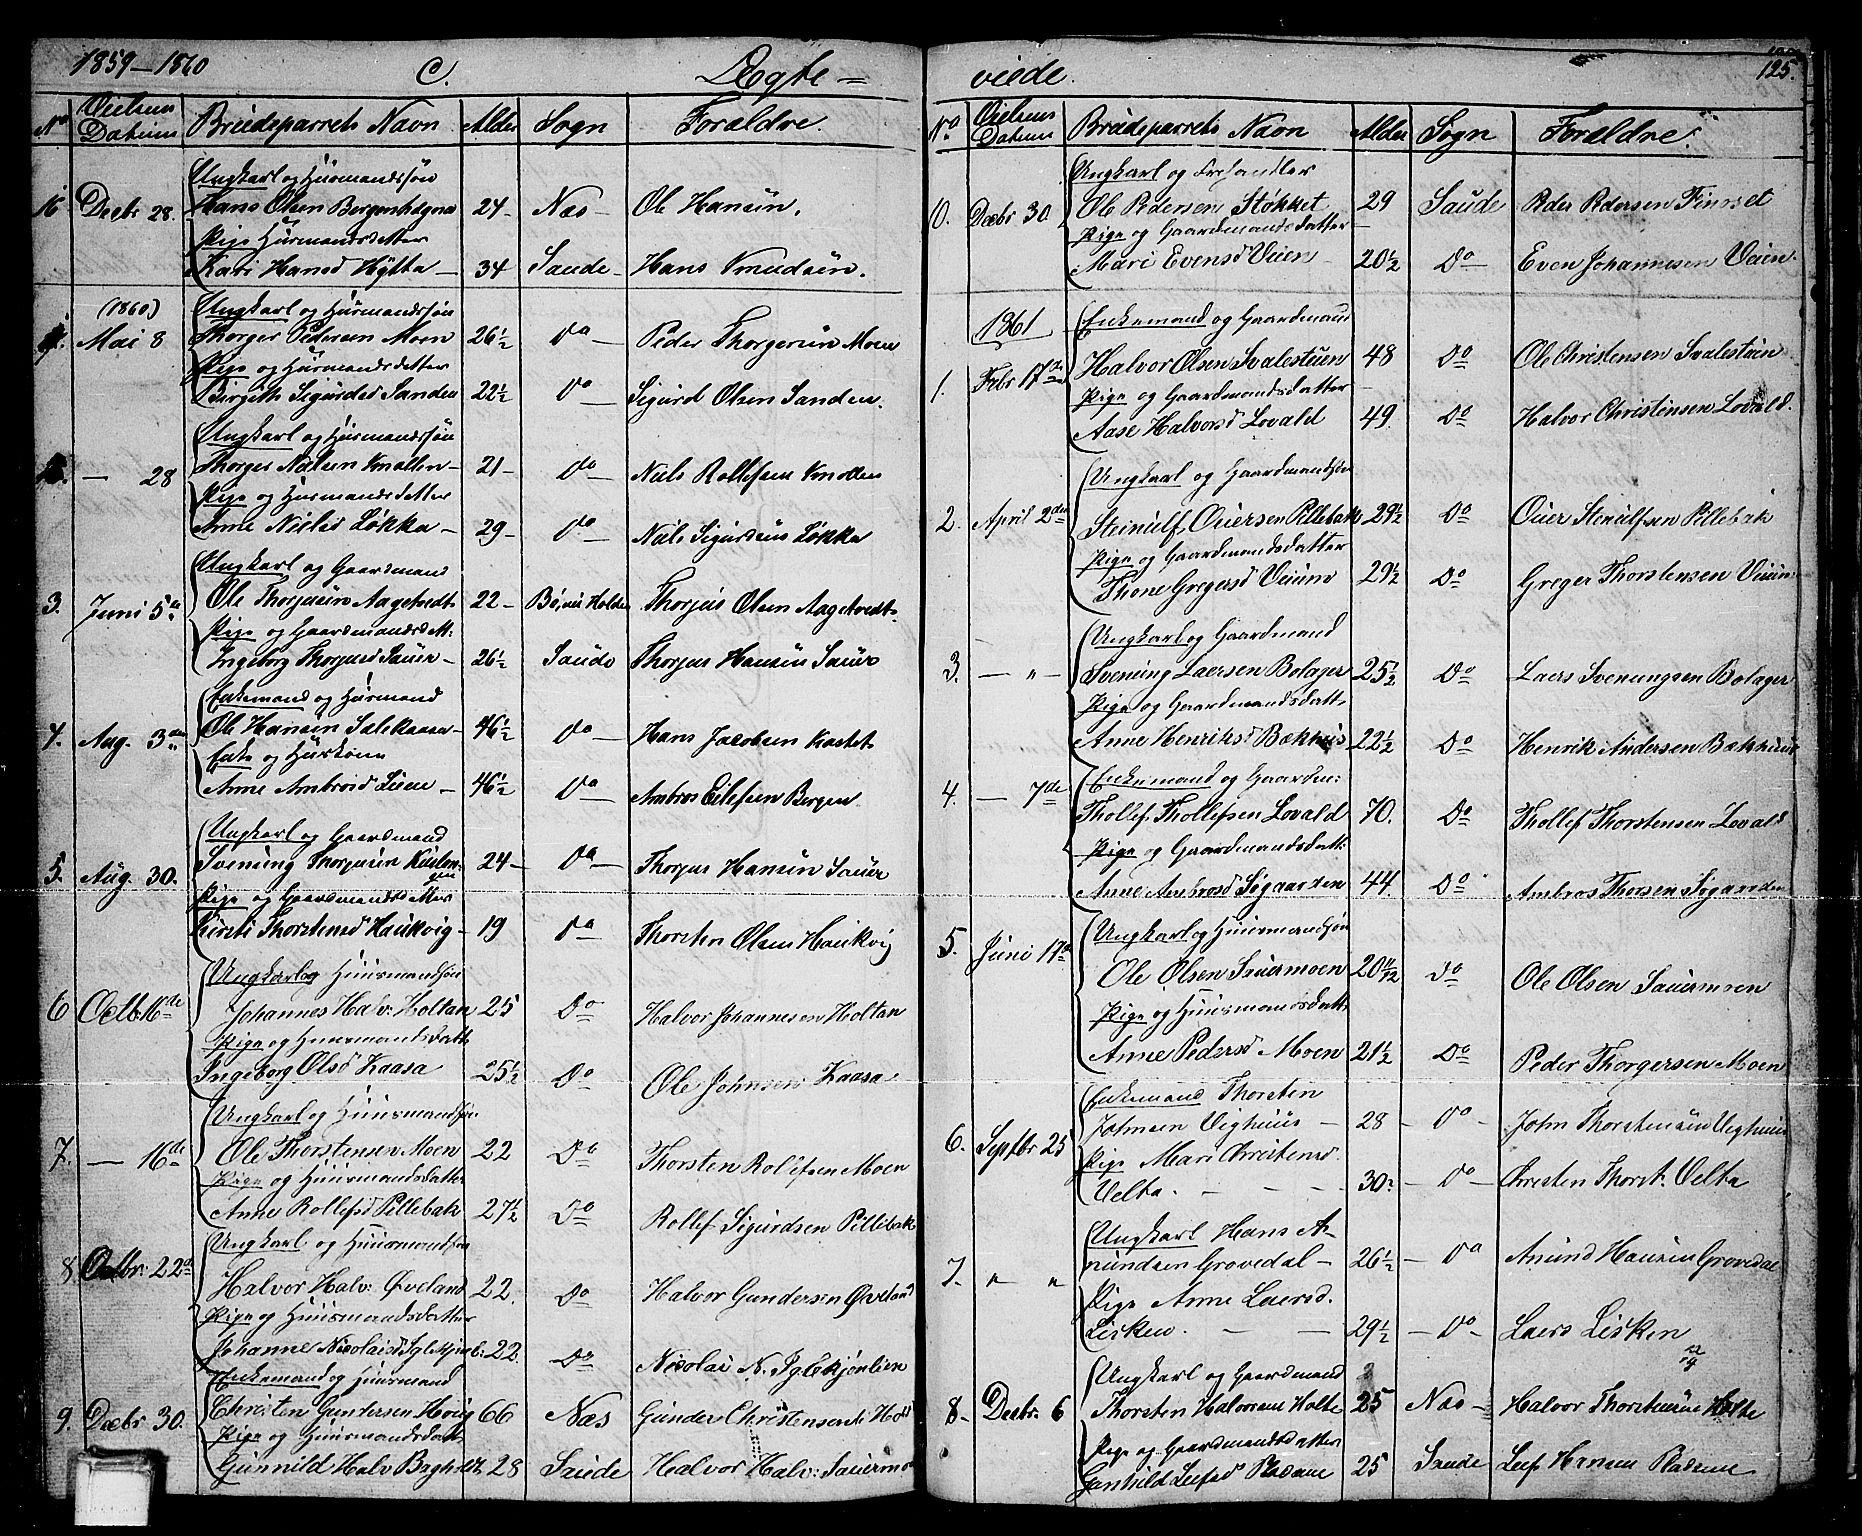 SAKO, Sauherad kirkebøker, G/Ga/L0002: Klokkerbok nr. I 2, 1842-1866, s. 125